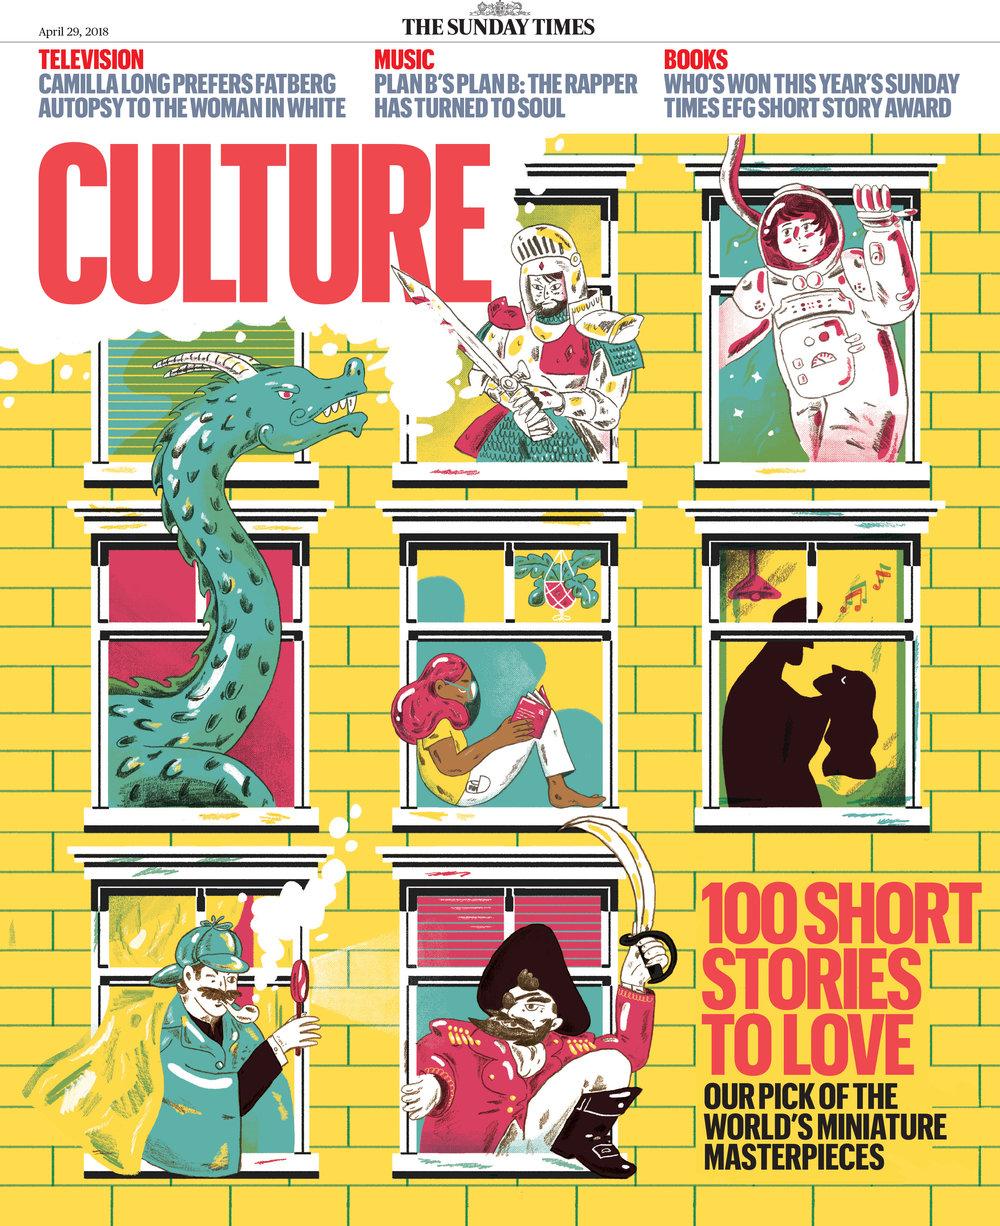 CULTURE COVER FINAL .jpg